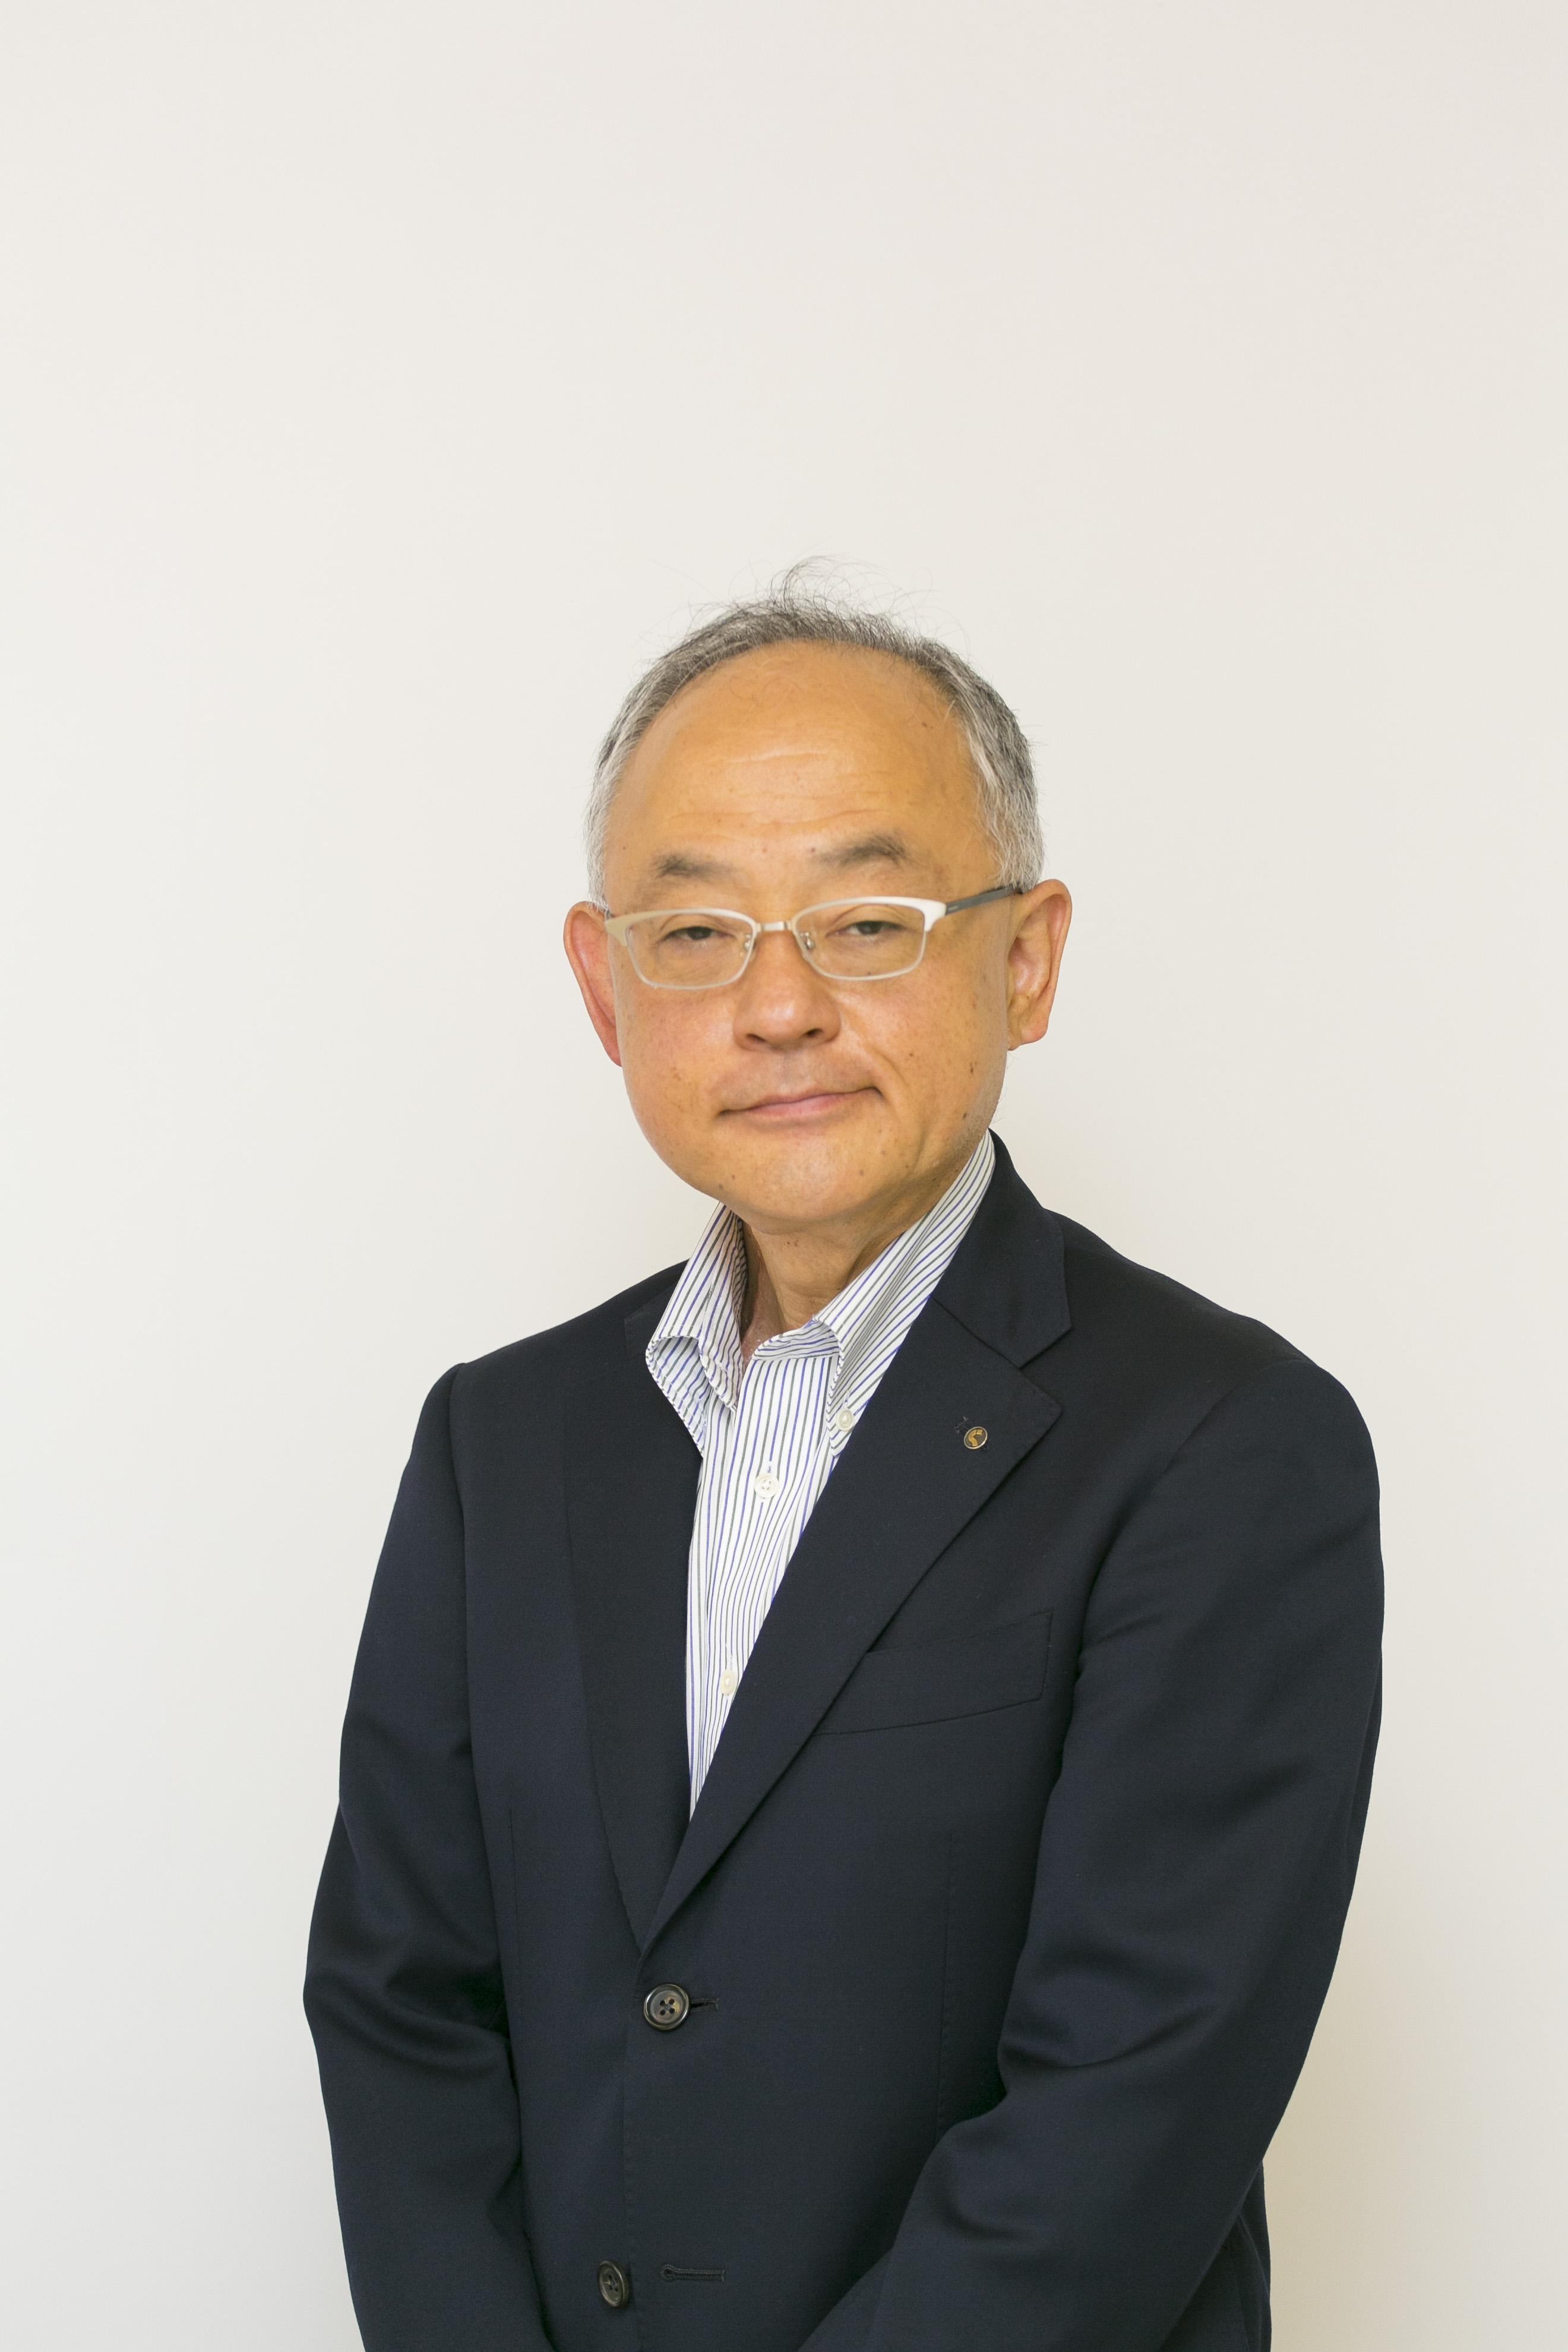 株式会社しんぷく 代表取締役 新福 大一郎